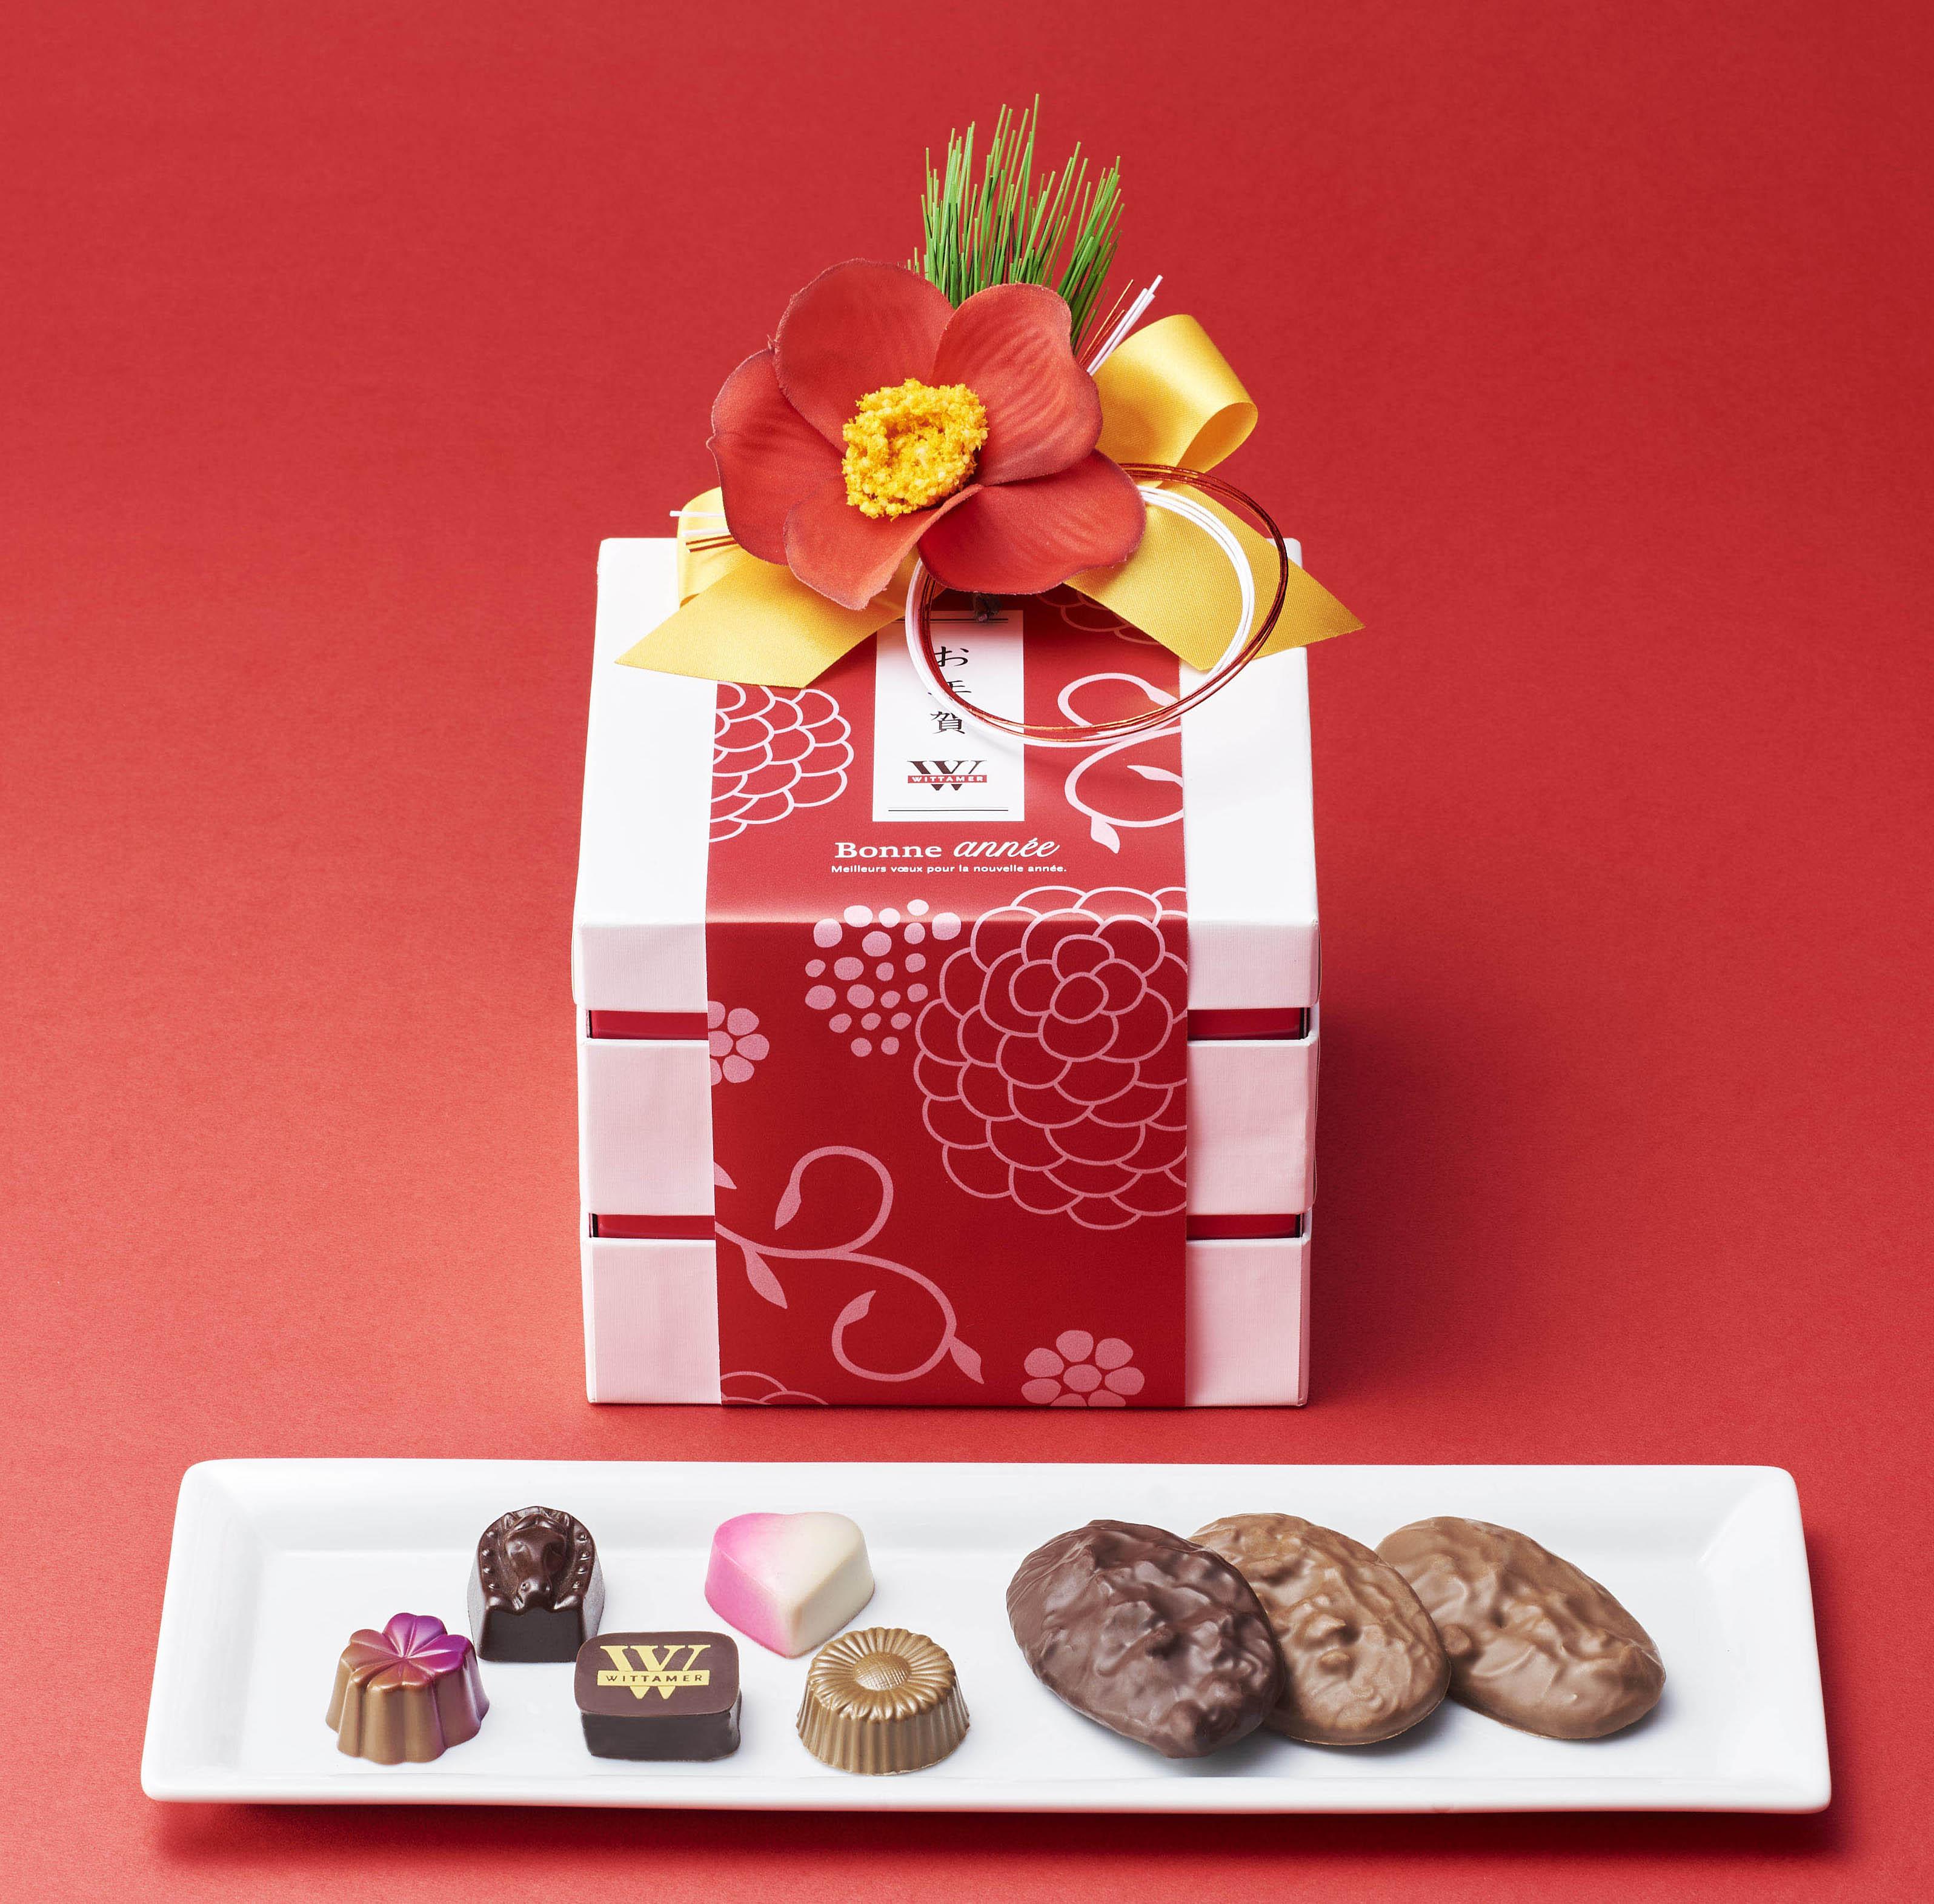 ベルギー王室御用達チョコレートブランド「ヴィタメール」12/18(金)より お正月限定ギフトを販売いたします